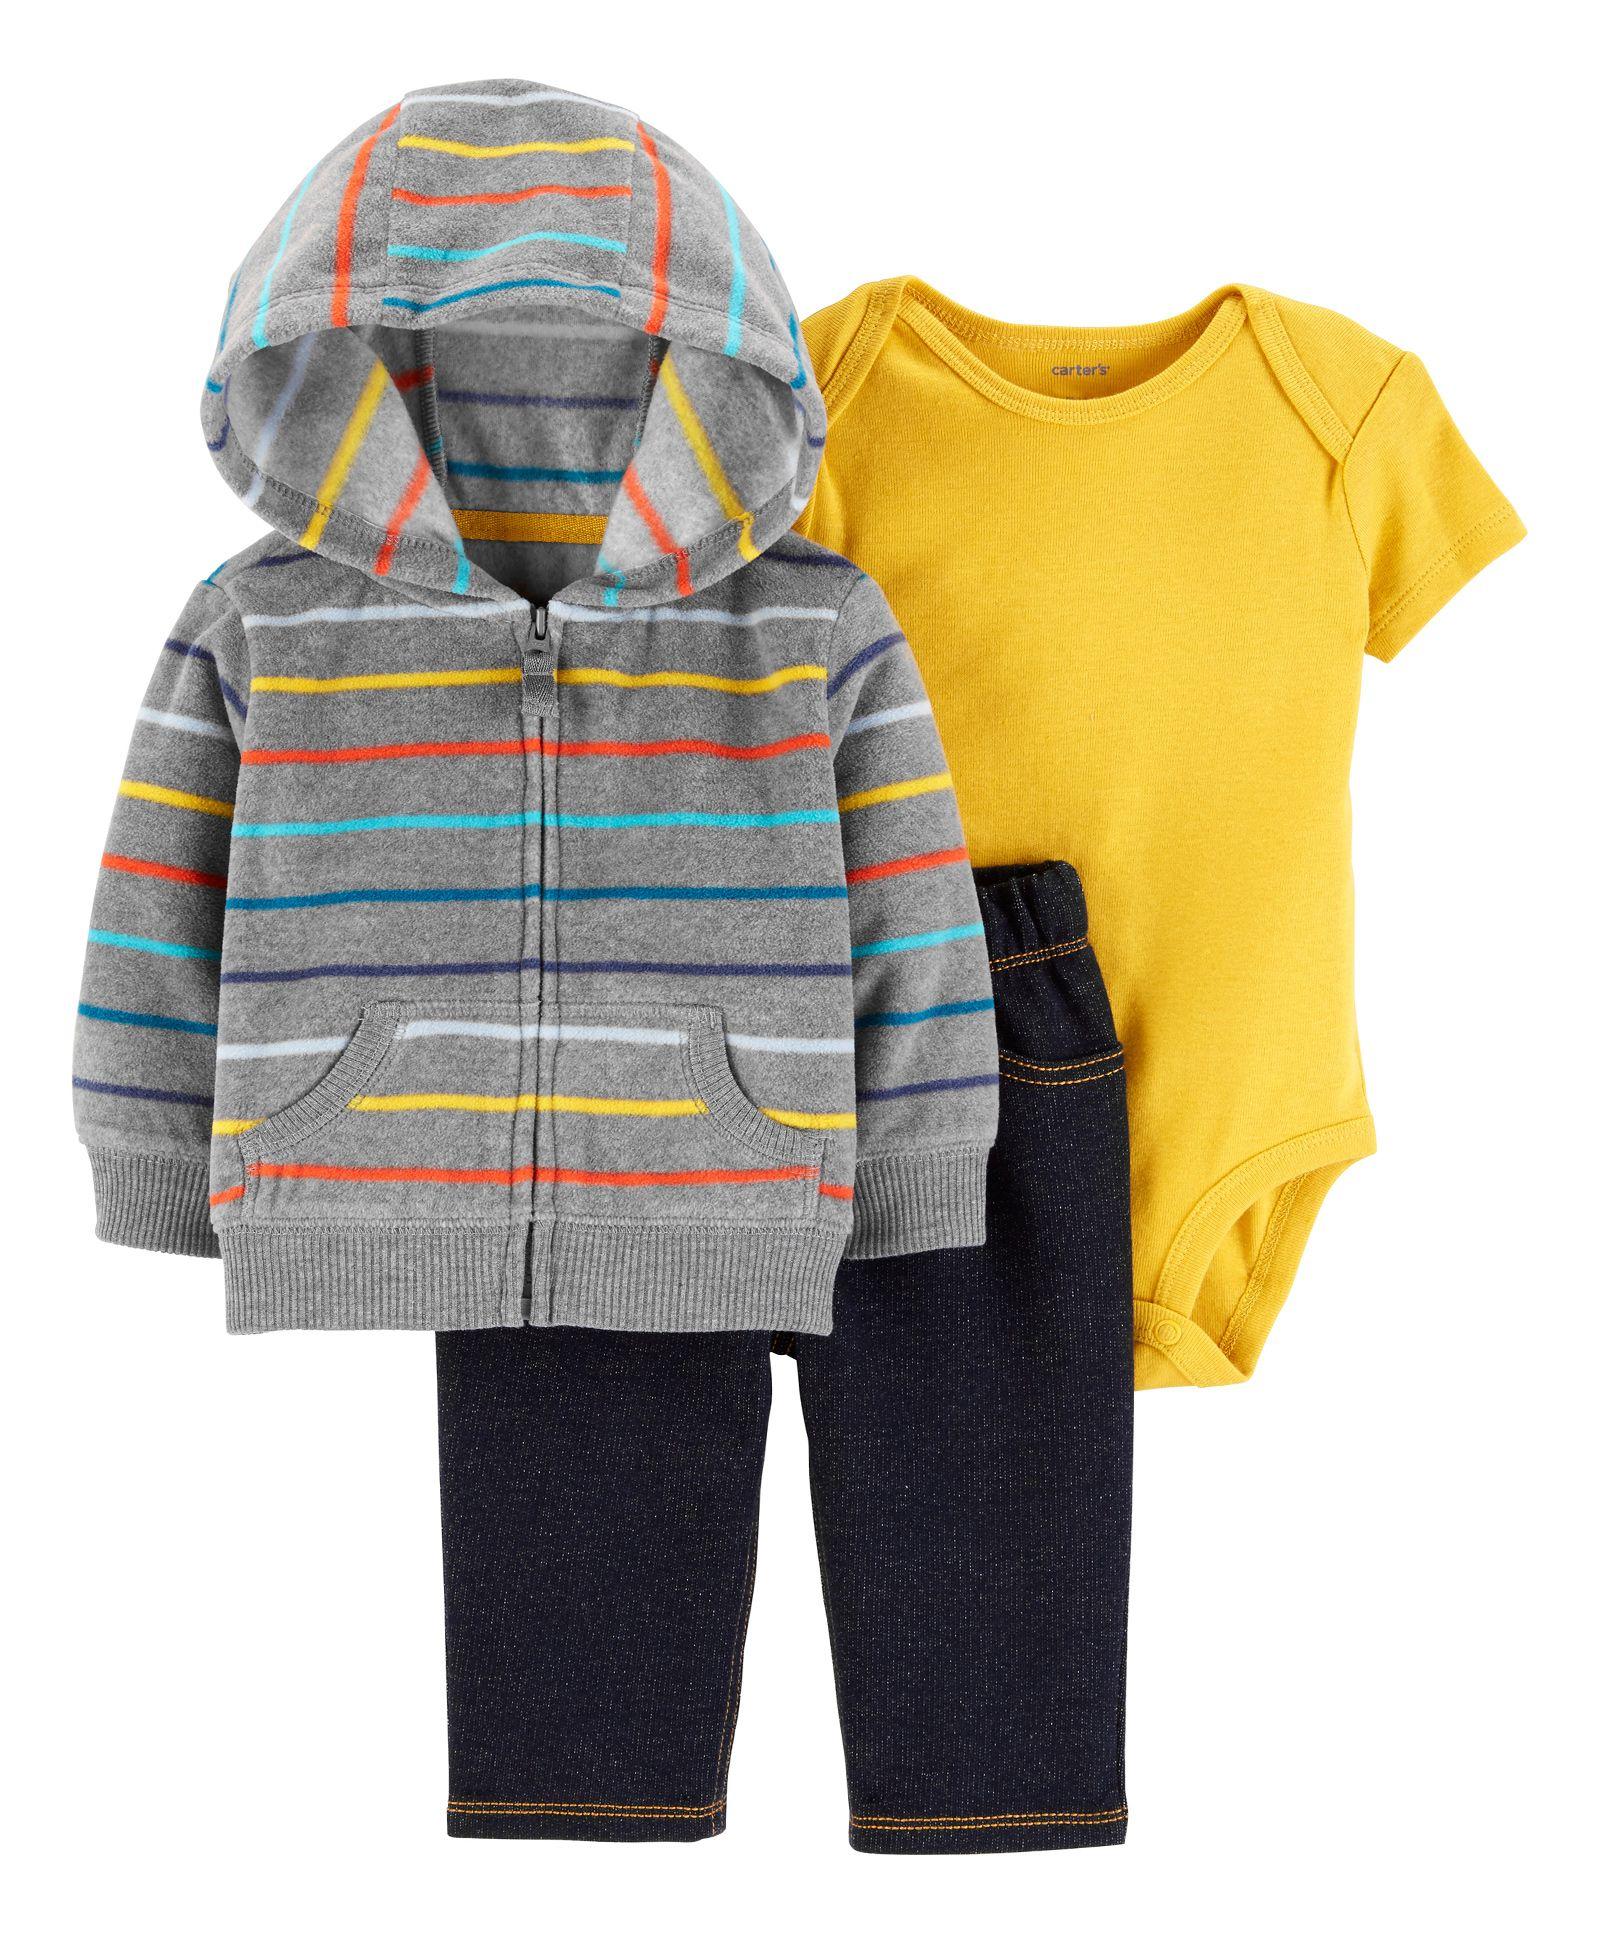 b184d3012 Buy Carters 3Piece Little Jacket Set Multicolour for Boys (0-3 Months ...